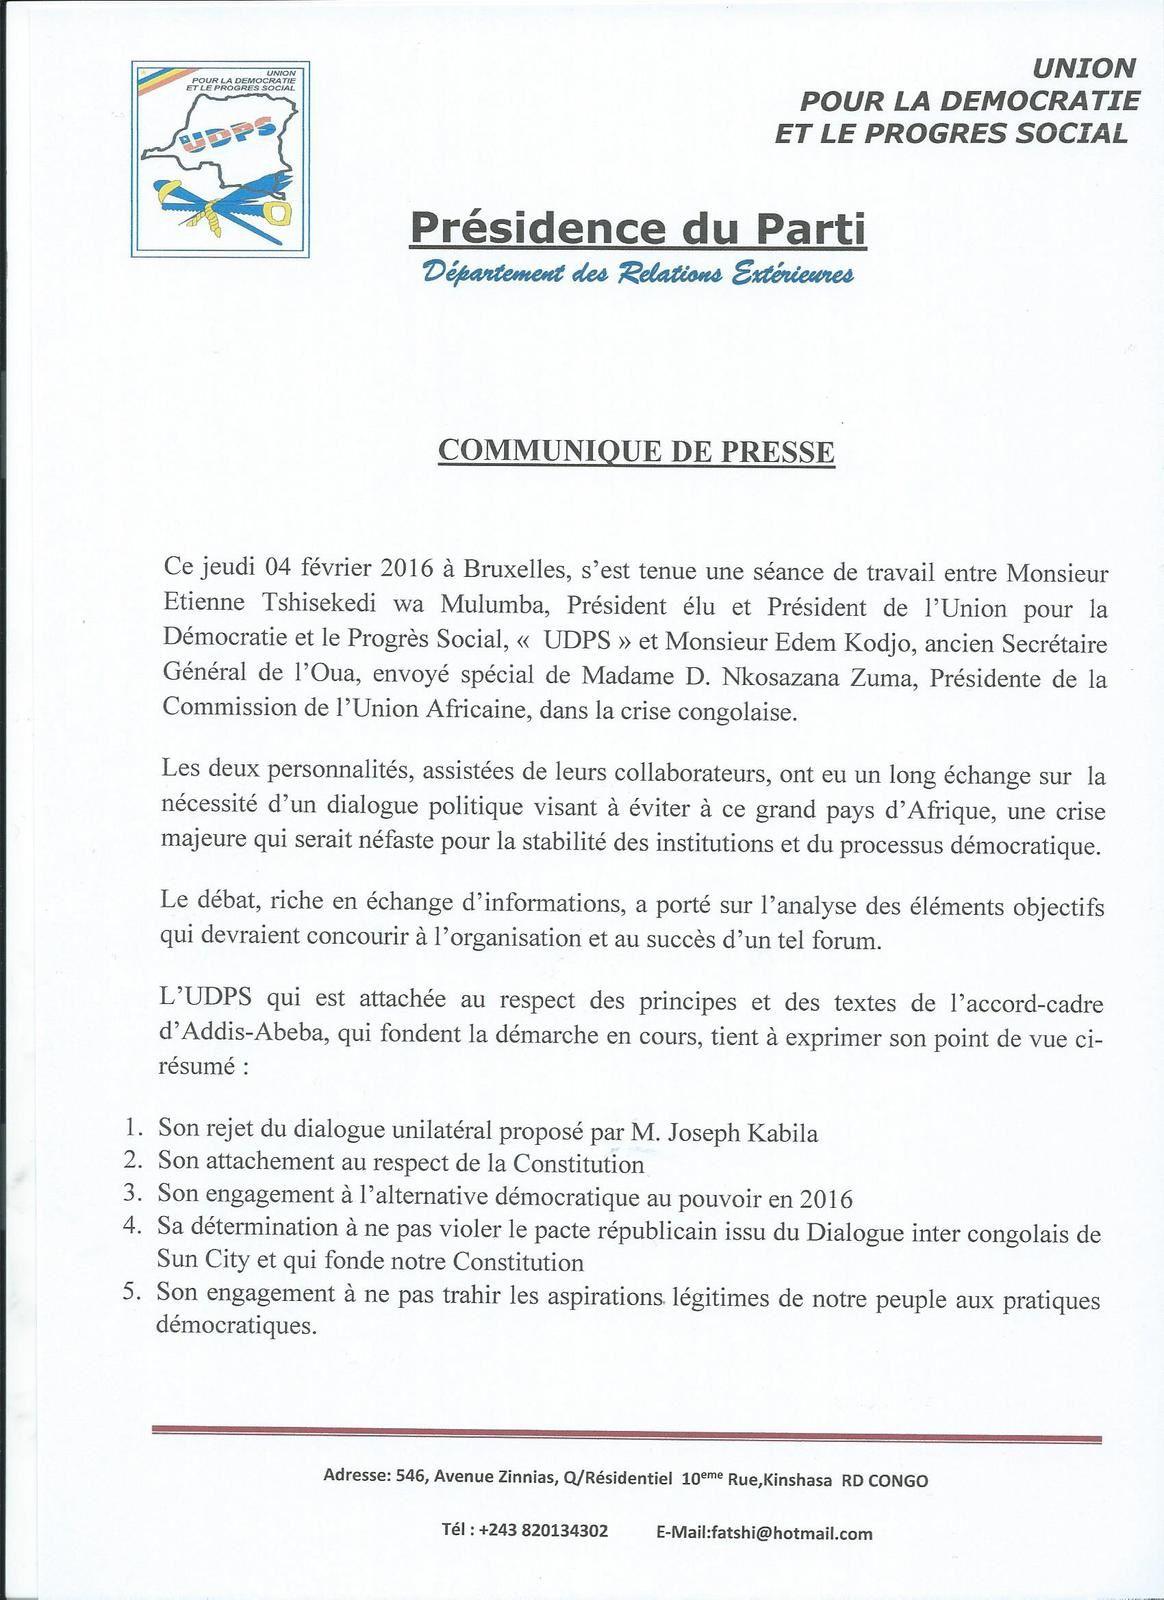 Crise politique congolaise, Edem Kodjo reçu par Étienne Tshisekedi